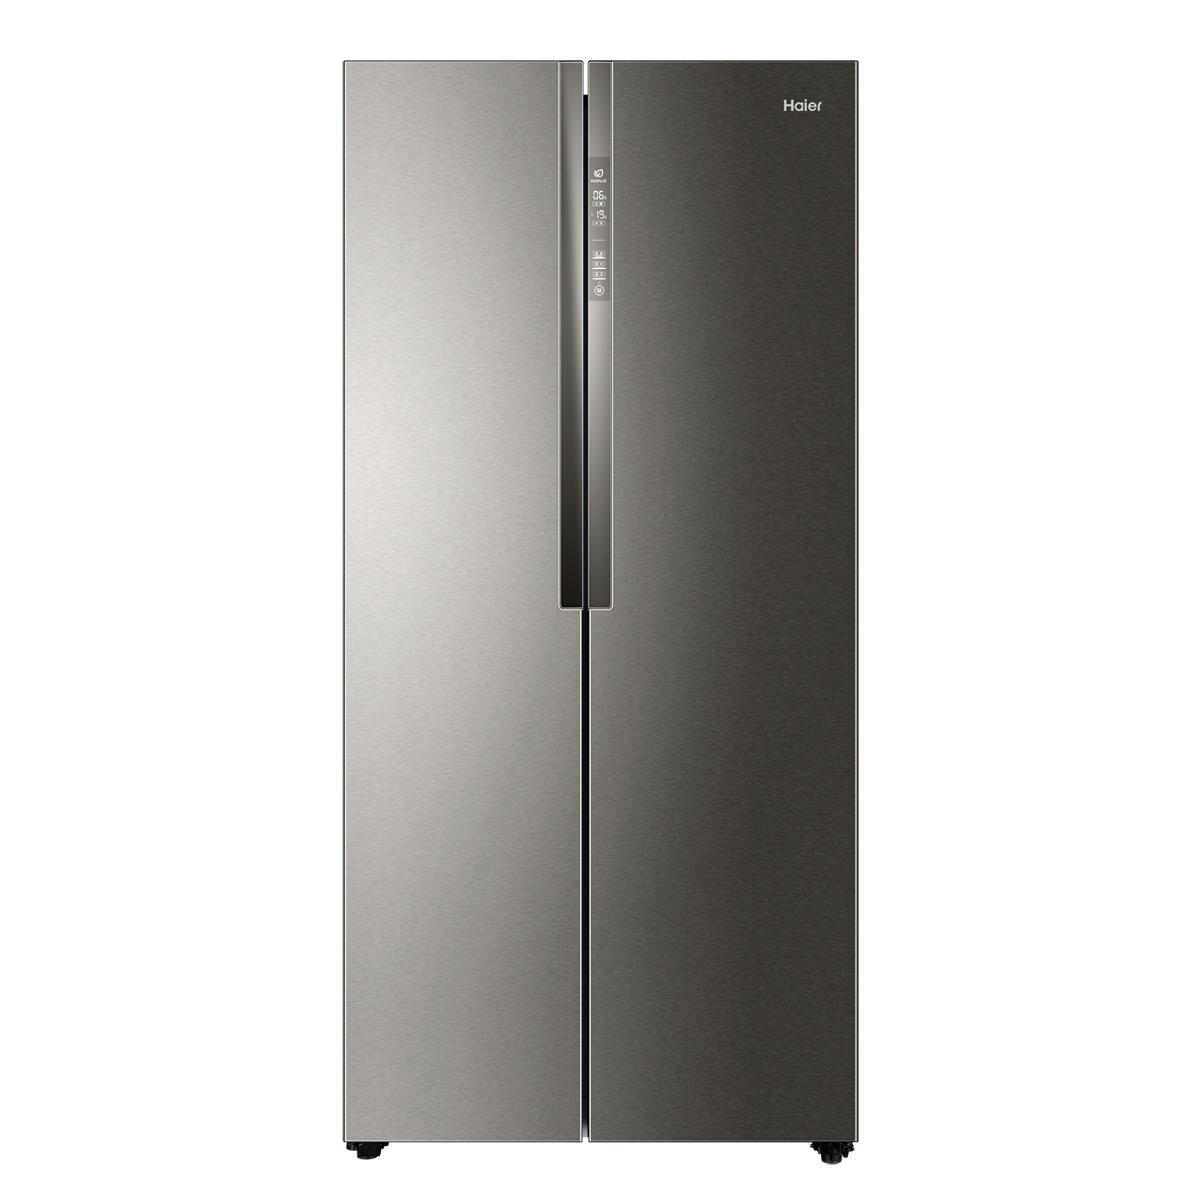 海尔Haier冰箱 BCD-450WDSD 说明书